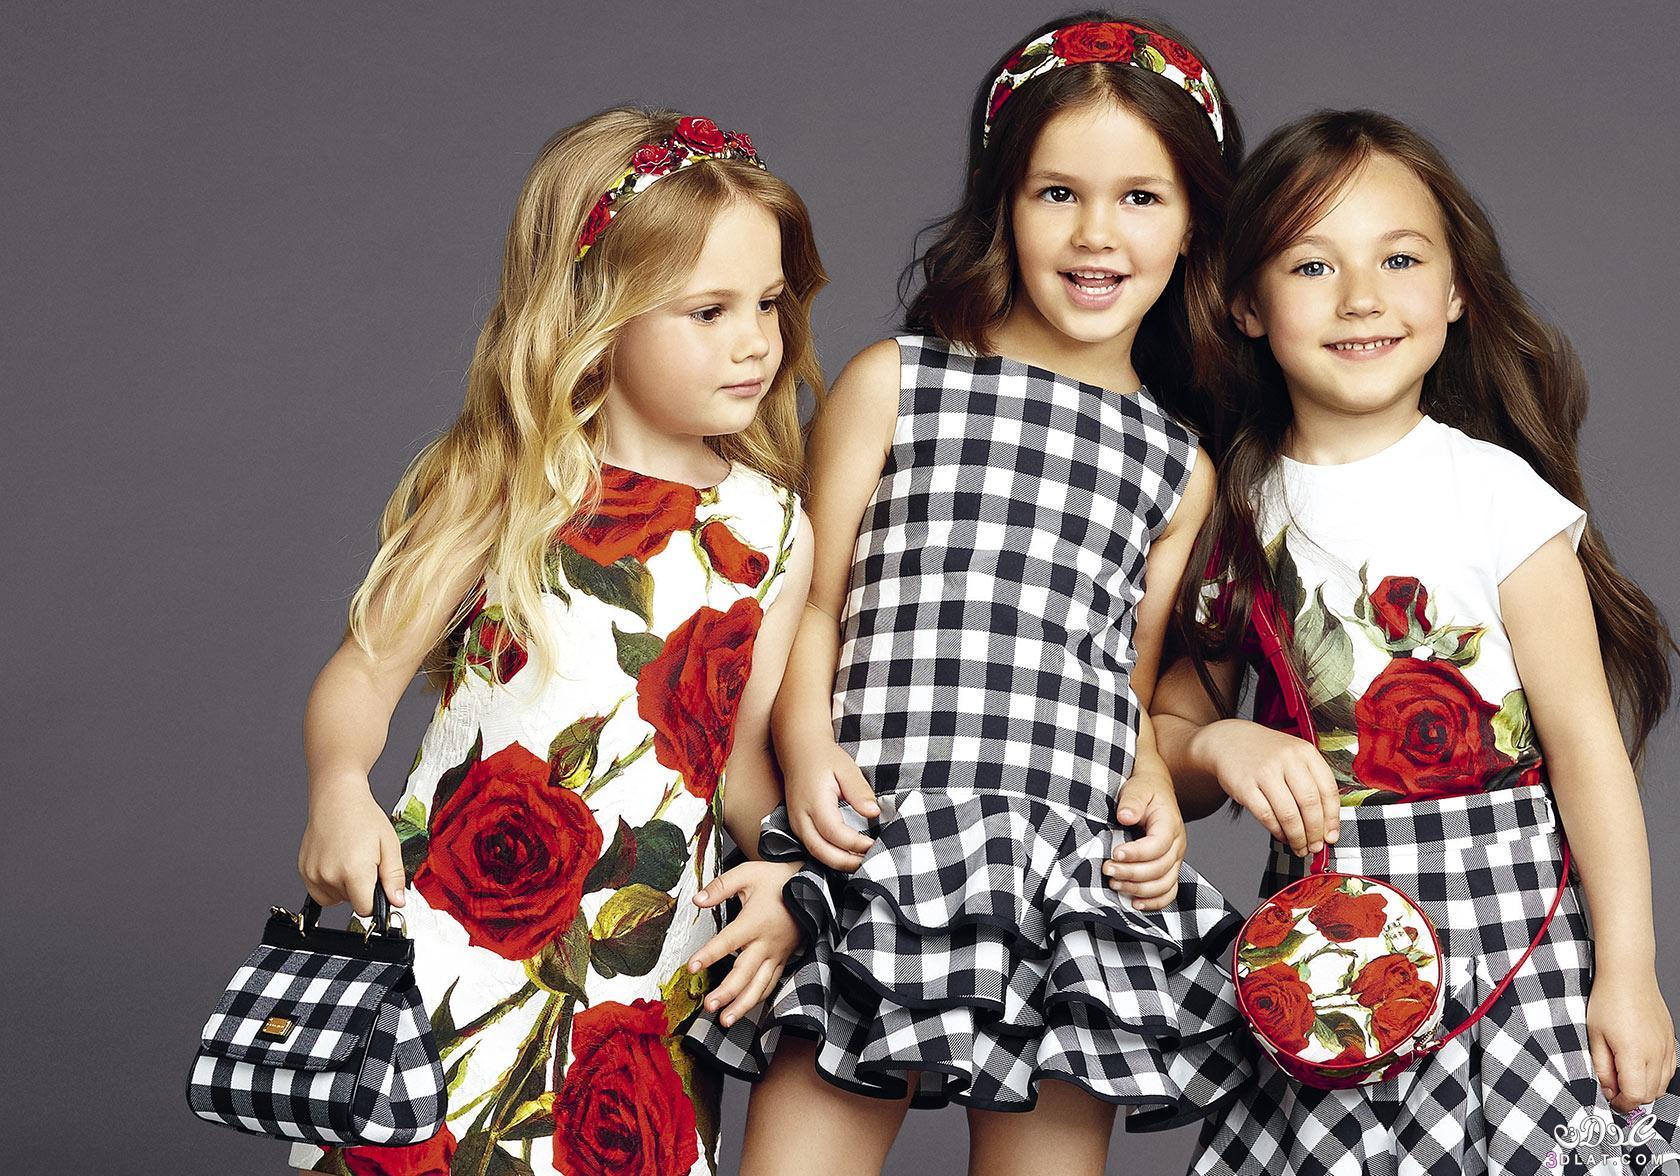 بالصور احلى ملابس الاطفال , اجمل واحلى ملابس الاطفال 11732 5